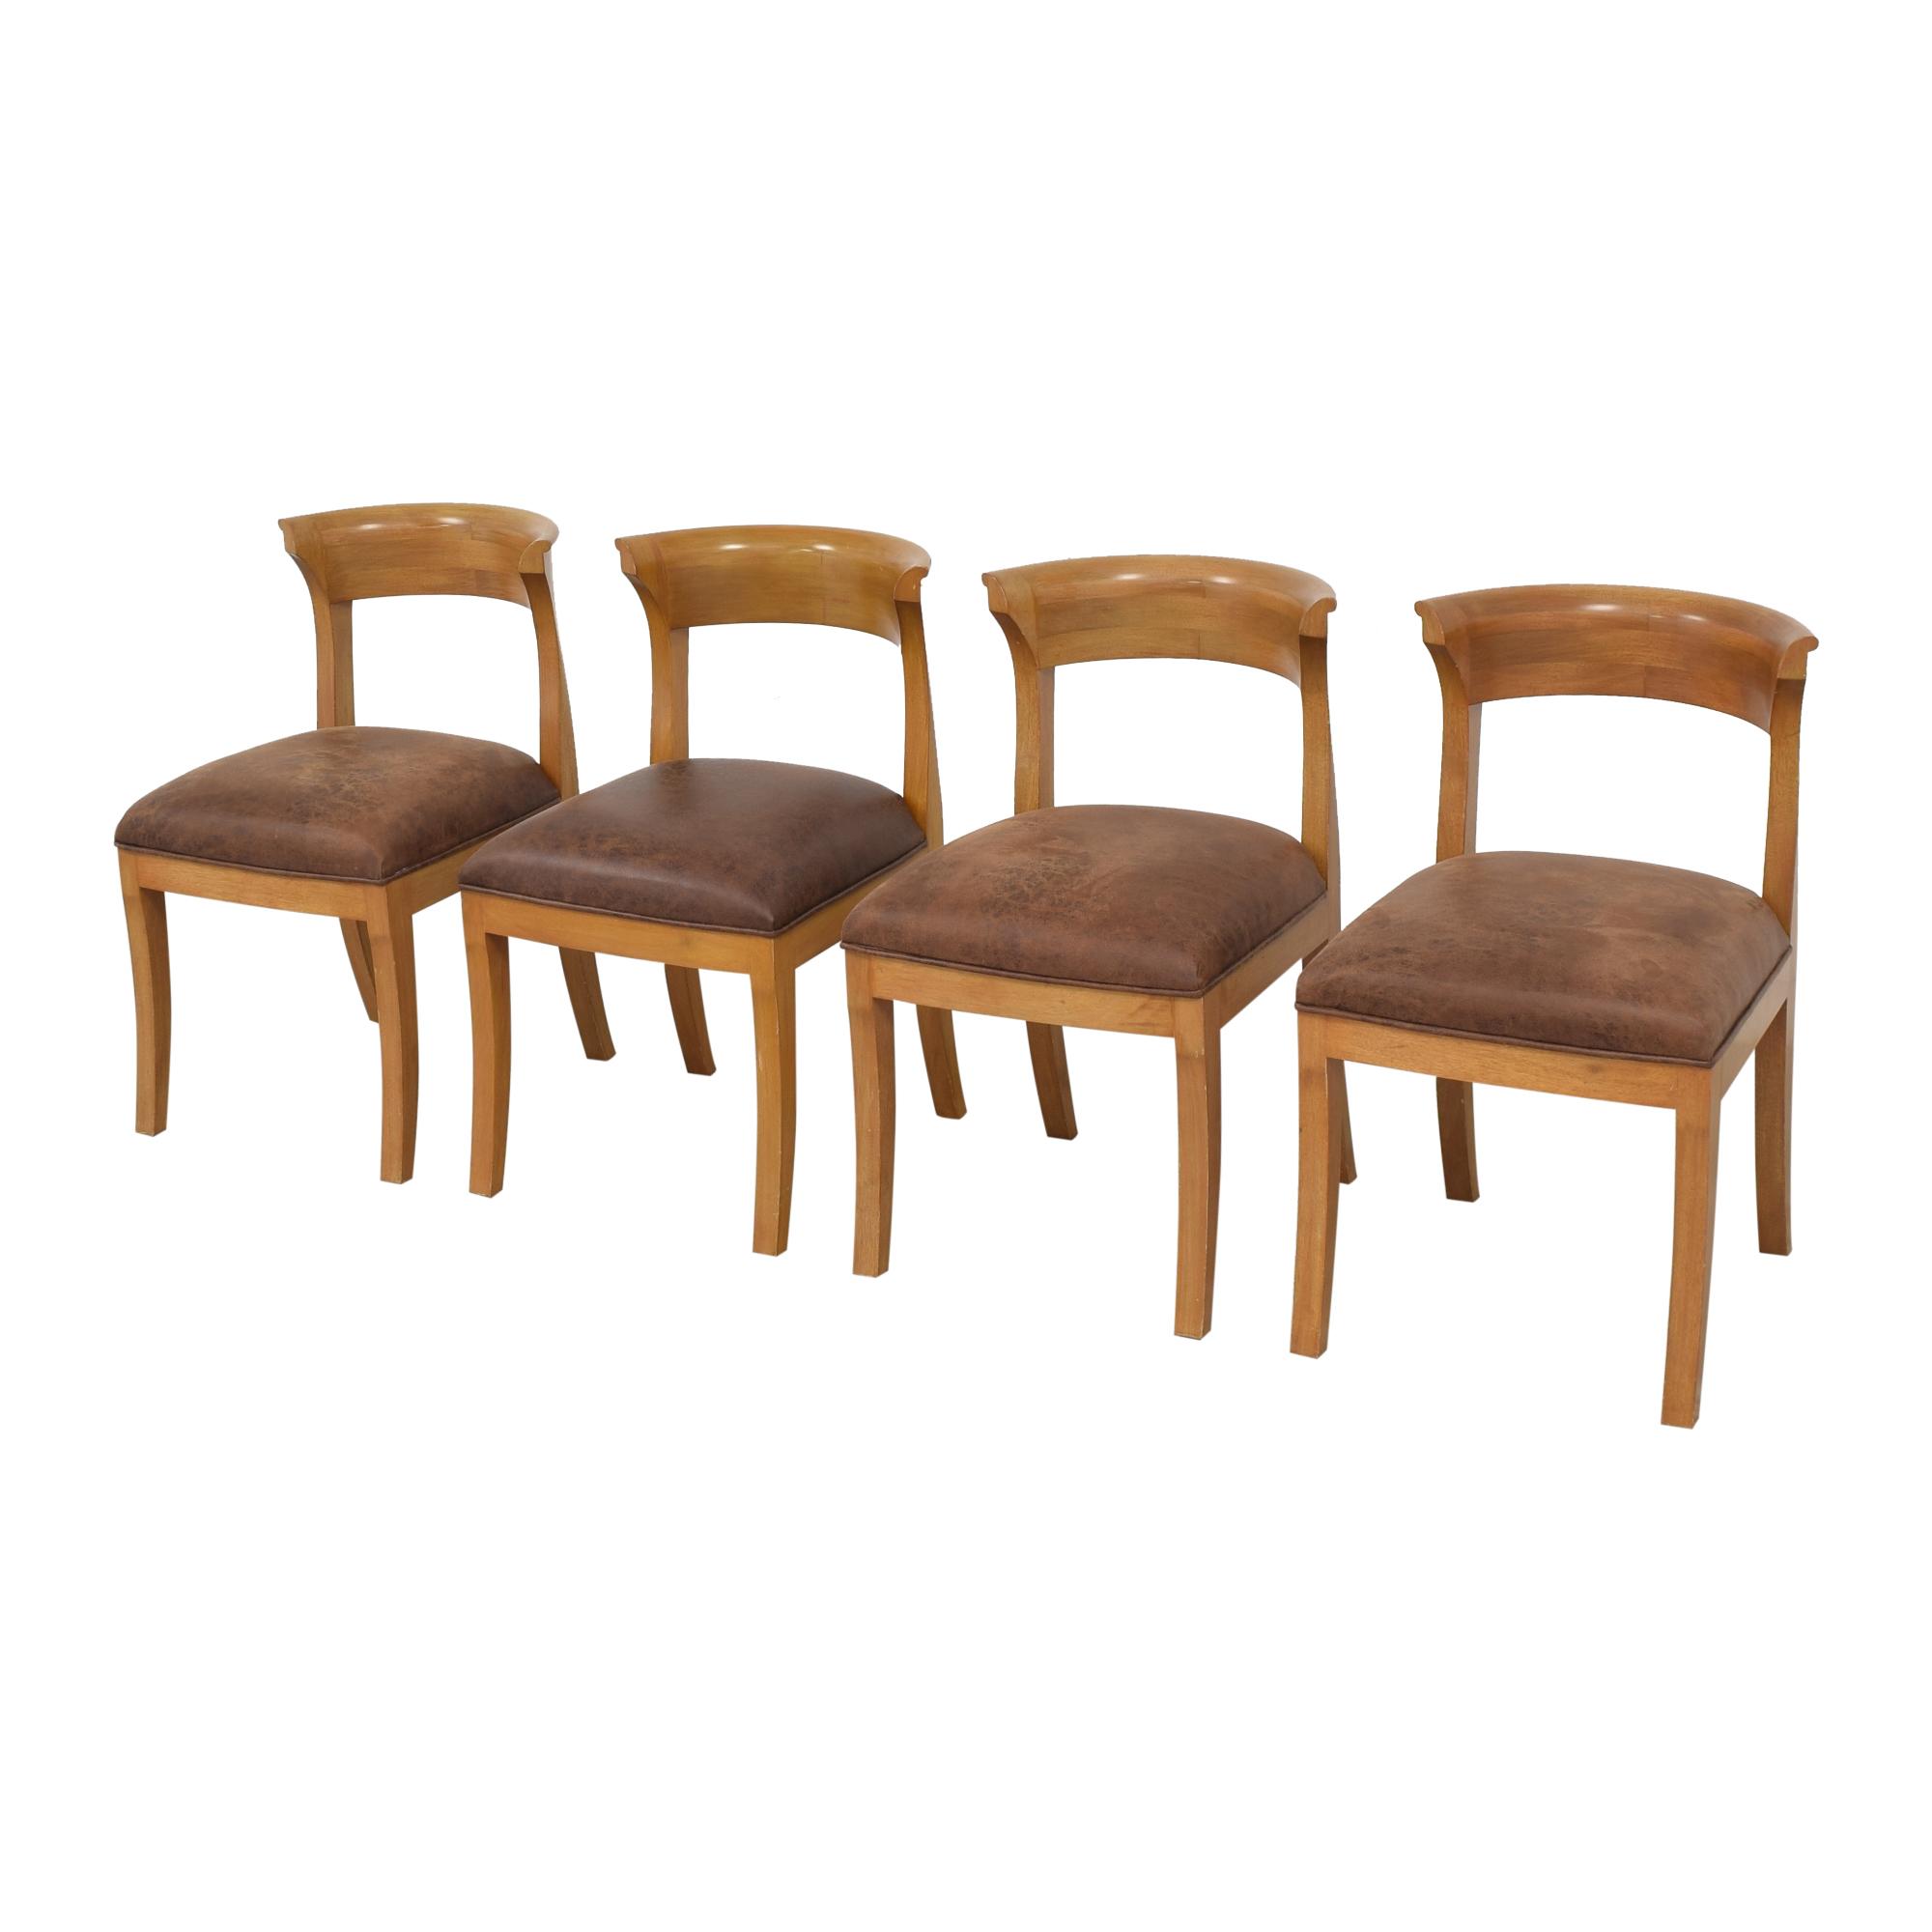 shop Bernhardt Bernhardt Dining Chairs online